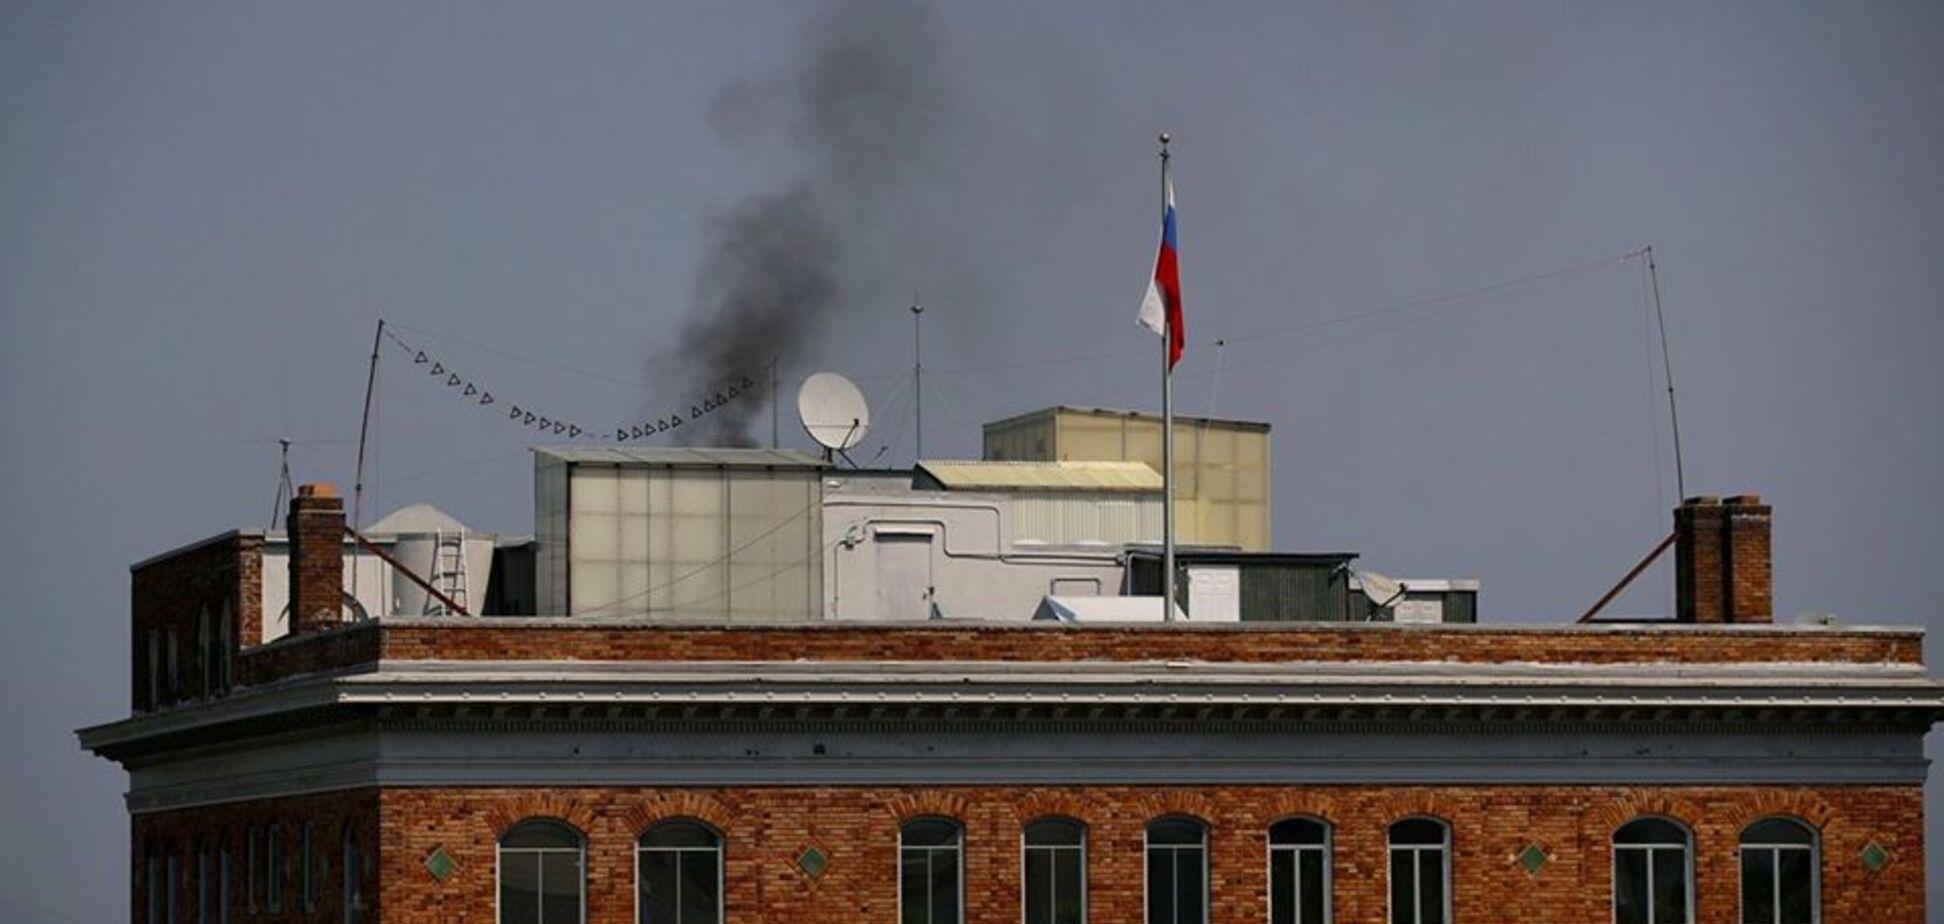 'Так пригорає у росіян': над консульством Росії у Сан-Франциско помітили чорний дим